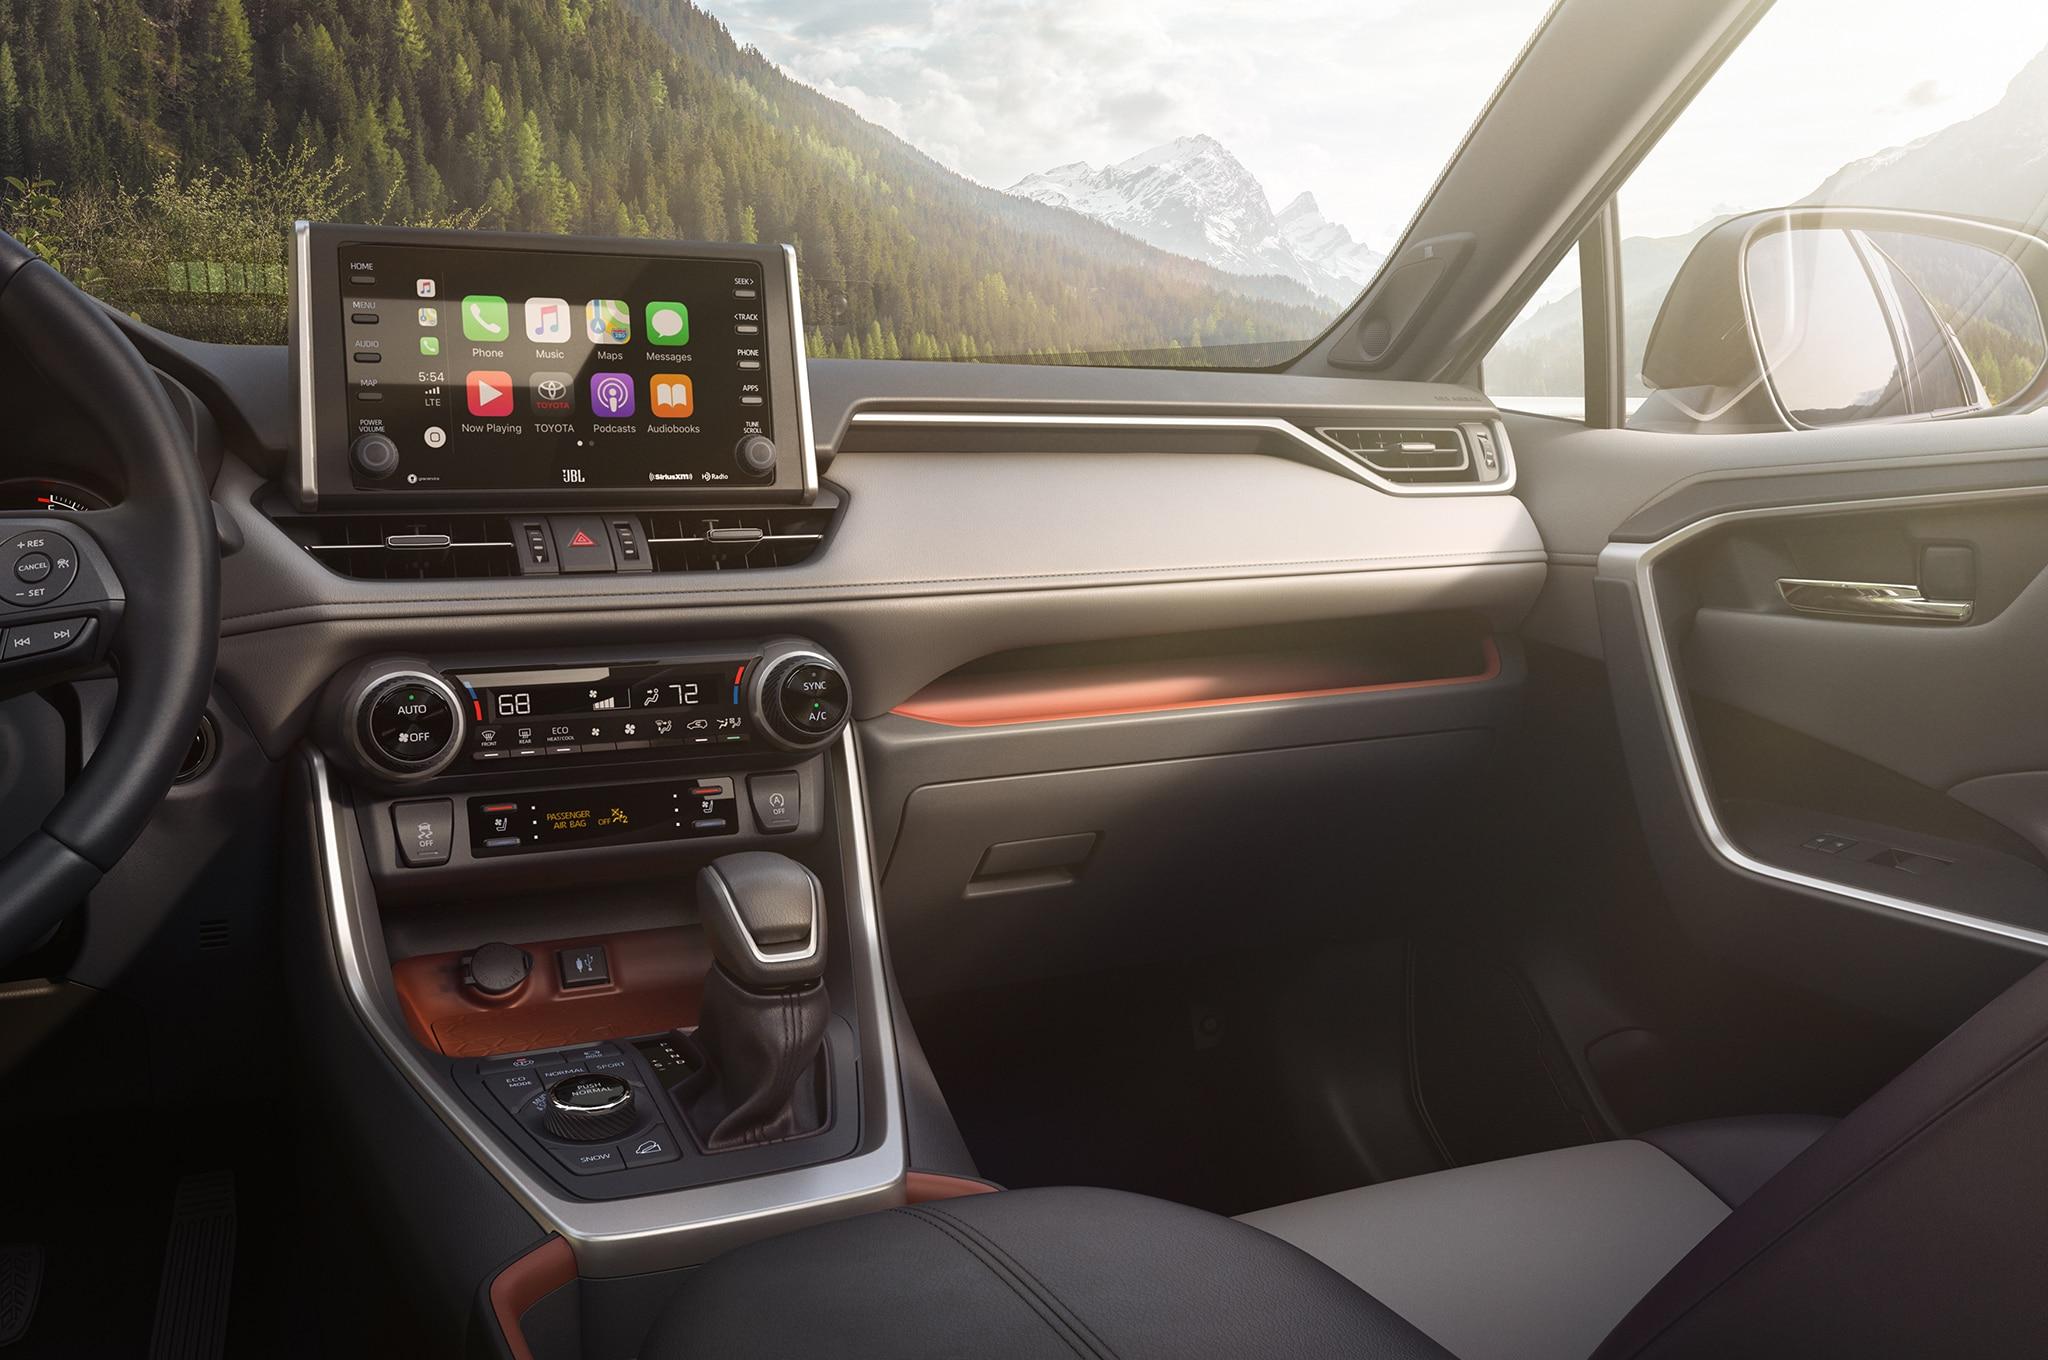 2019 Toyota Rav4 Front Interior 01 Motor Trend En Espa 241 Ol